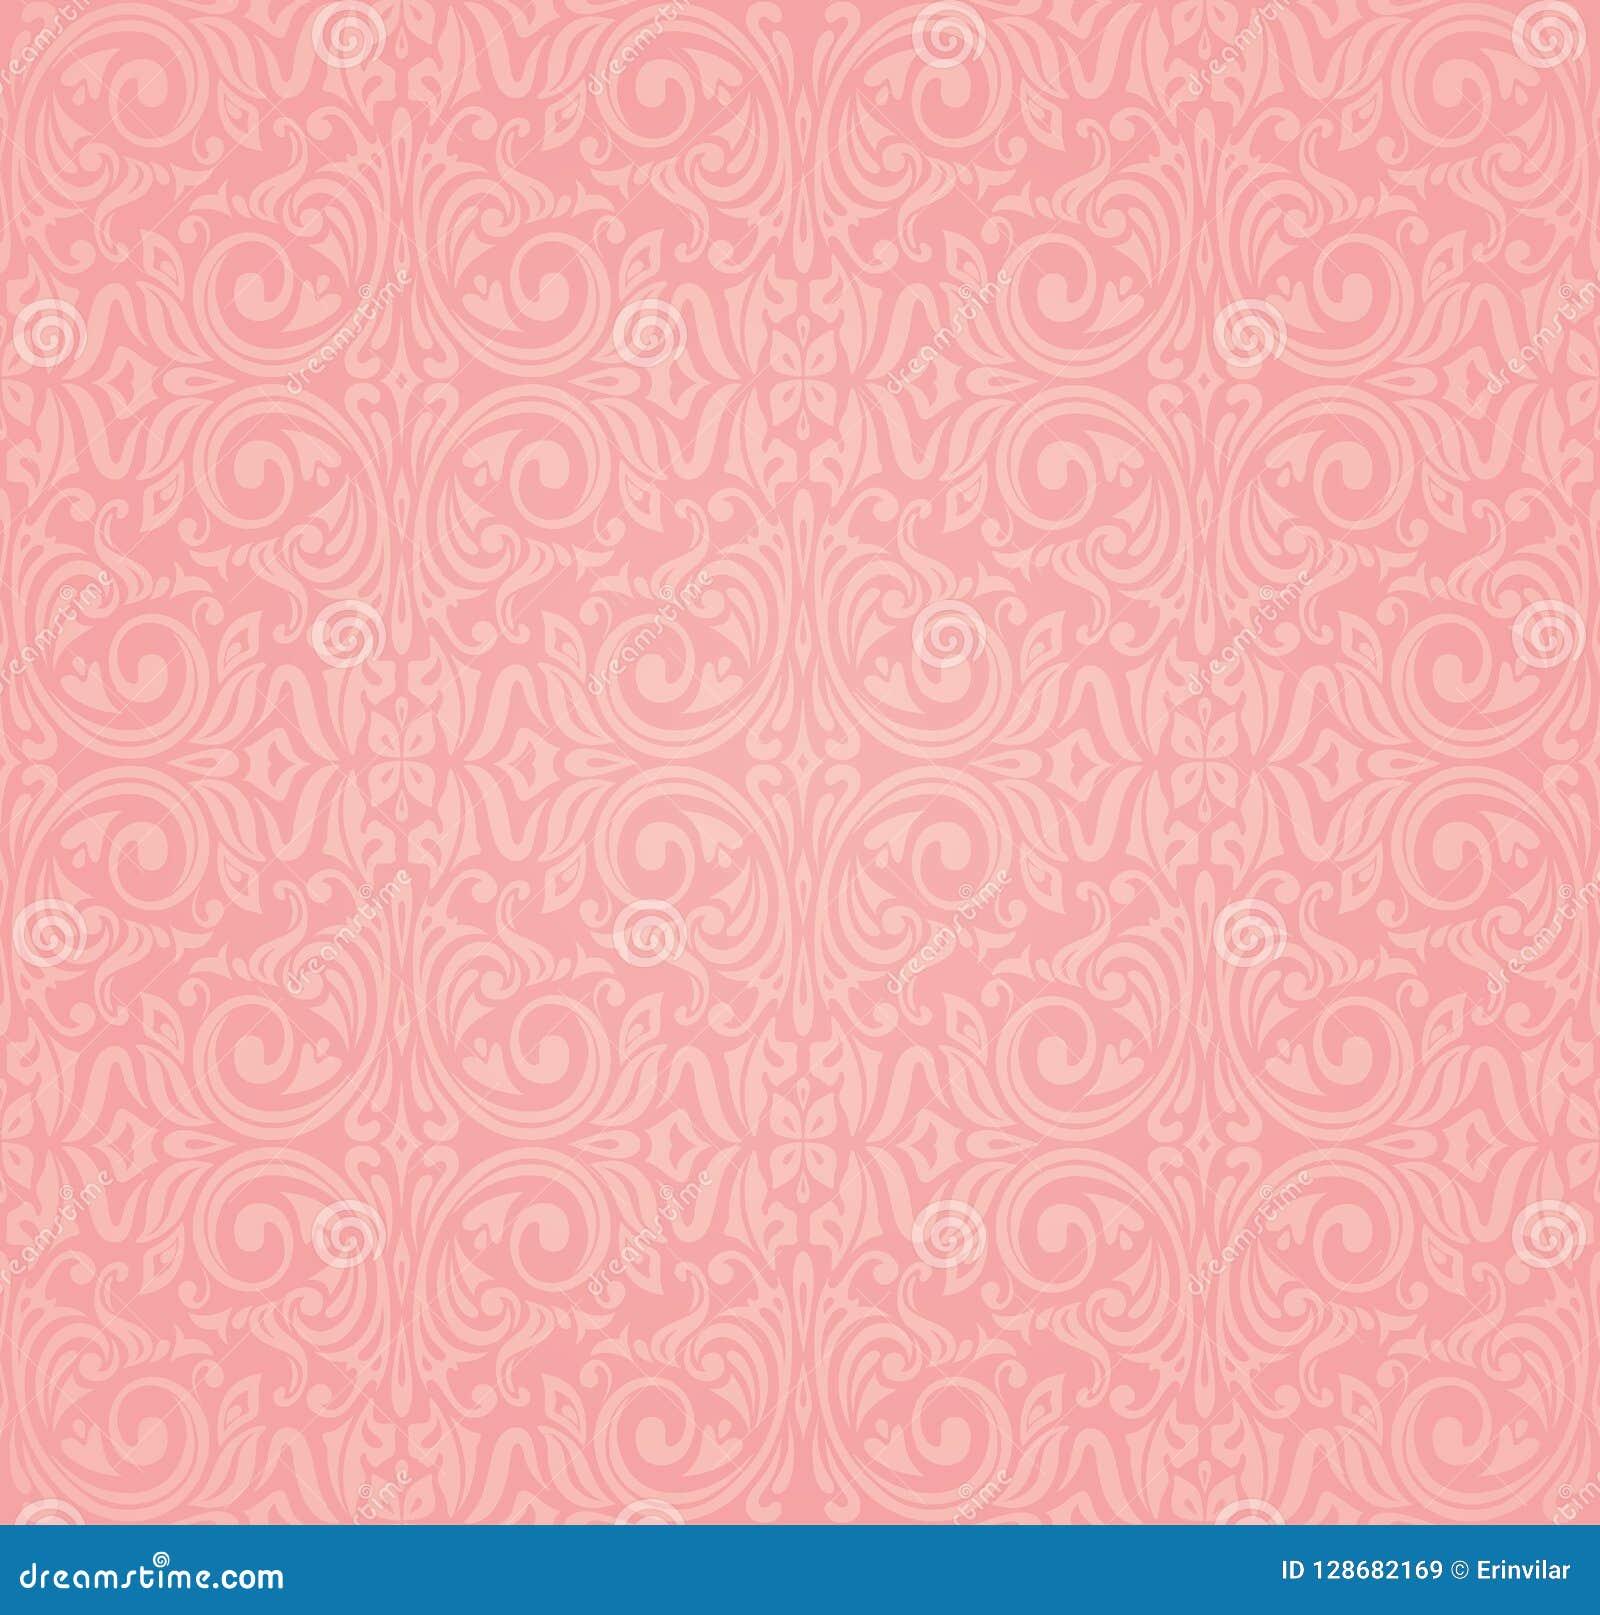 Pink Vector Wallpaper Design Background Stock Vector